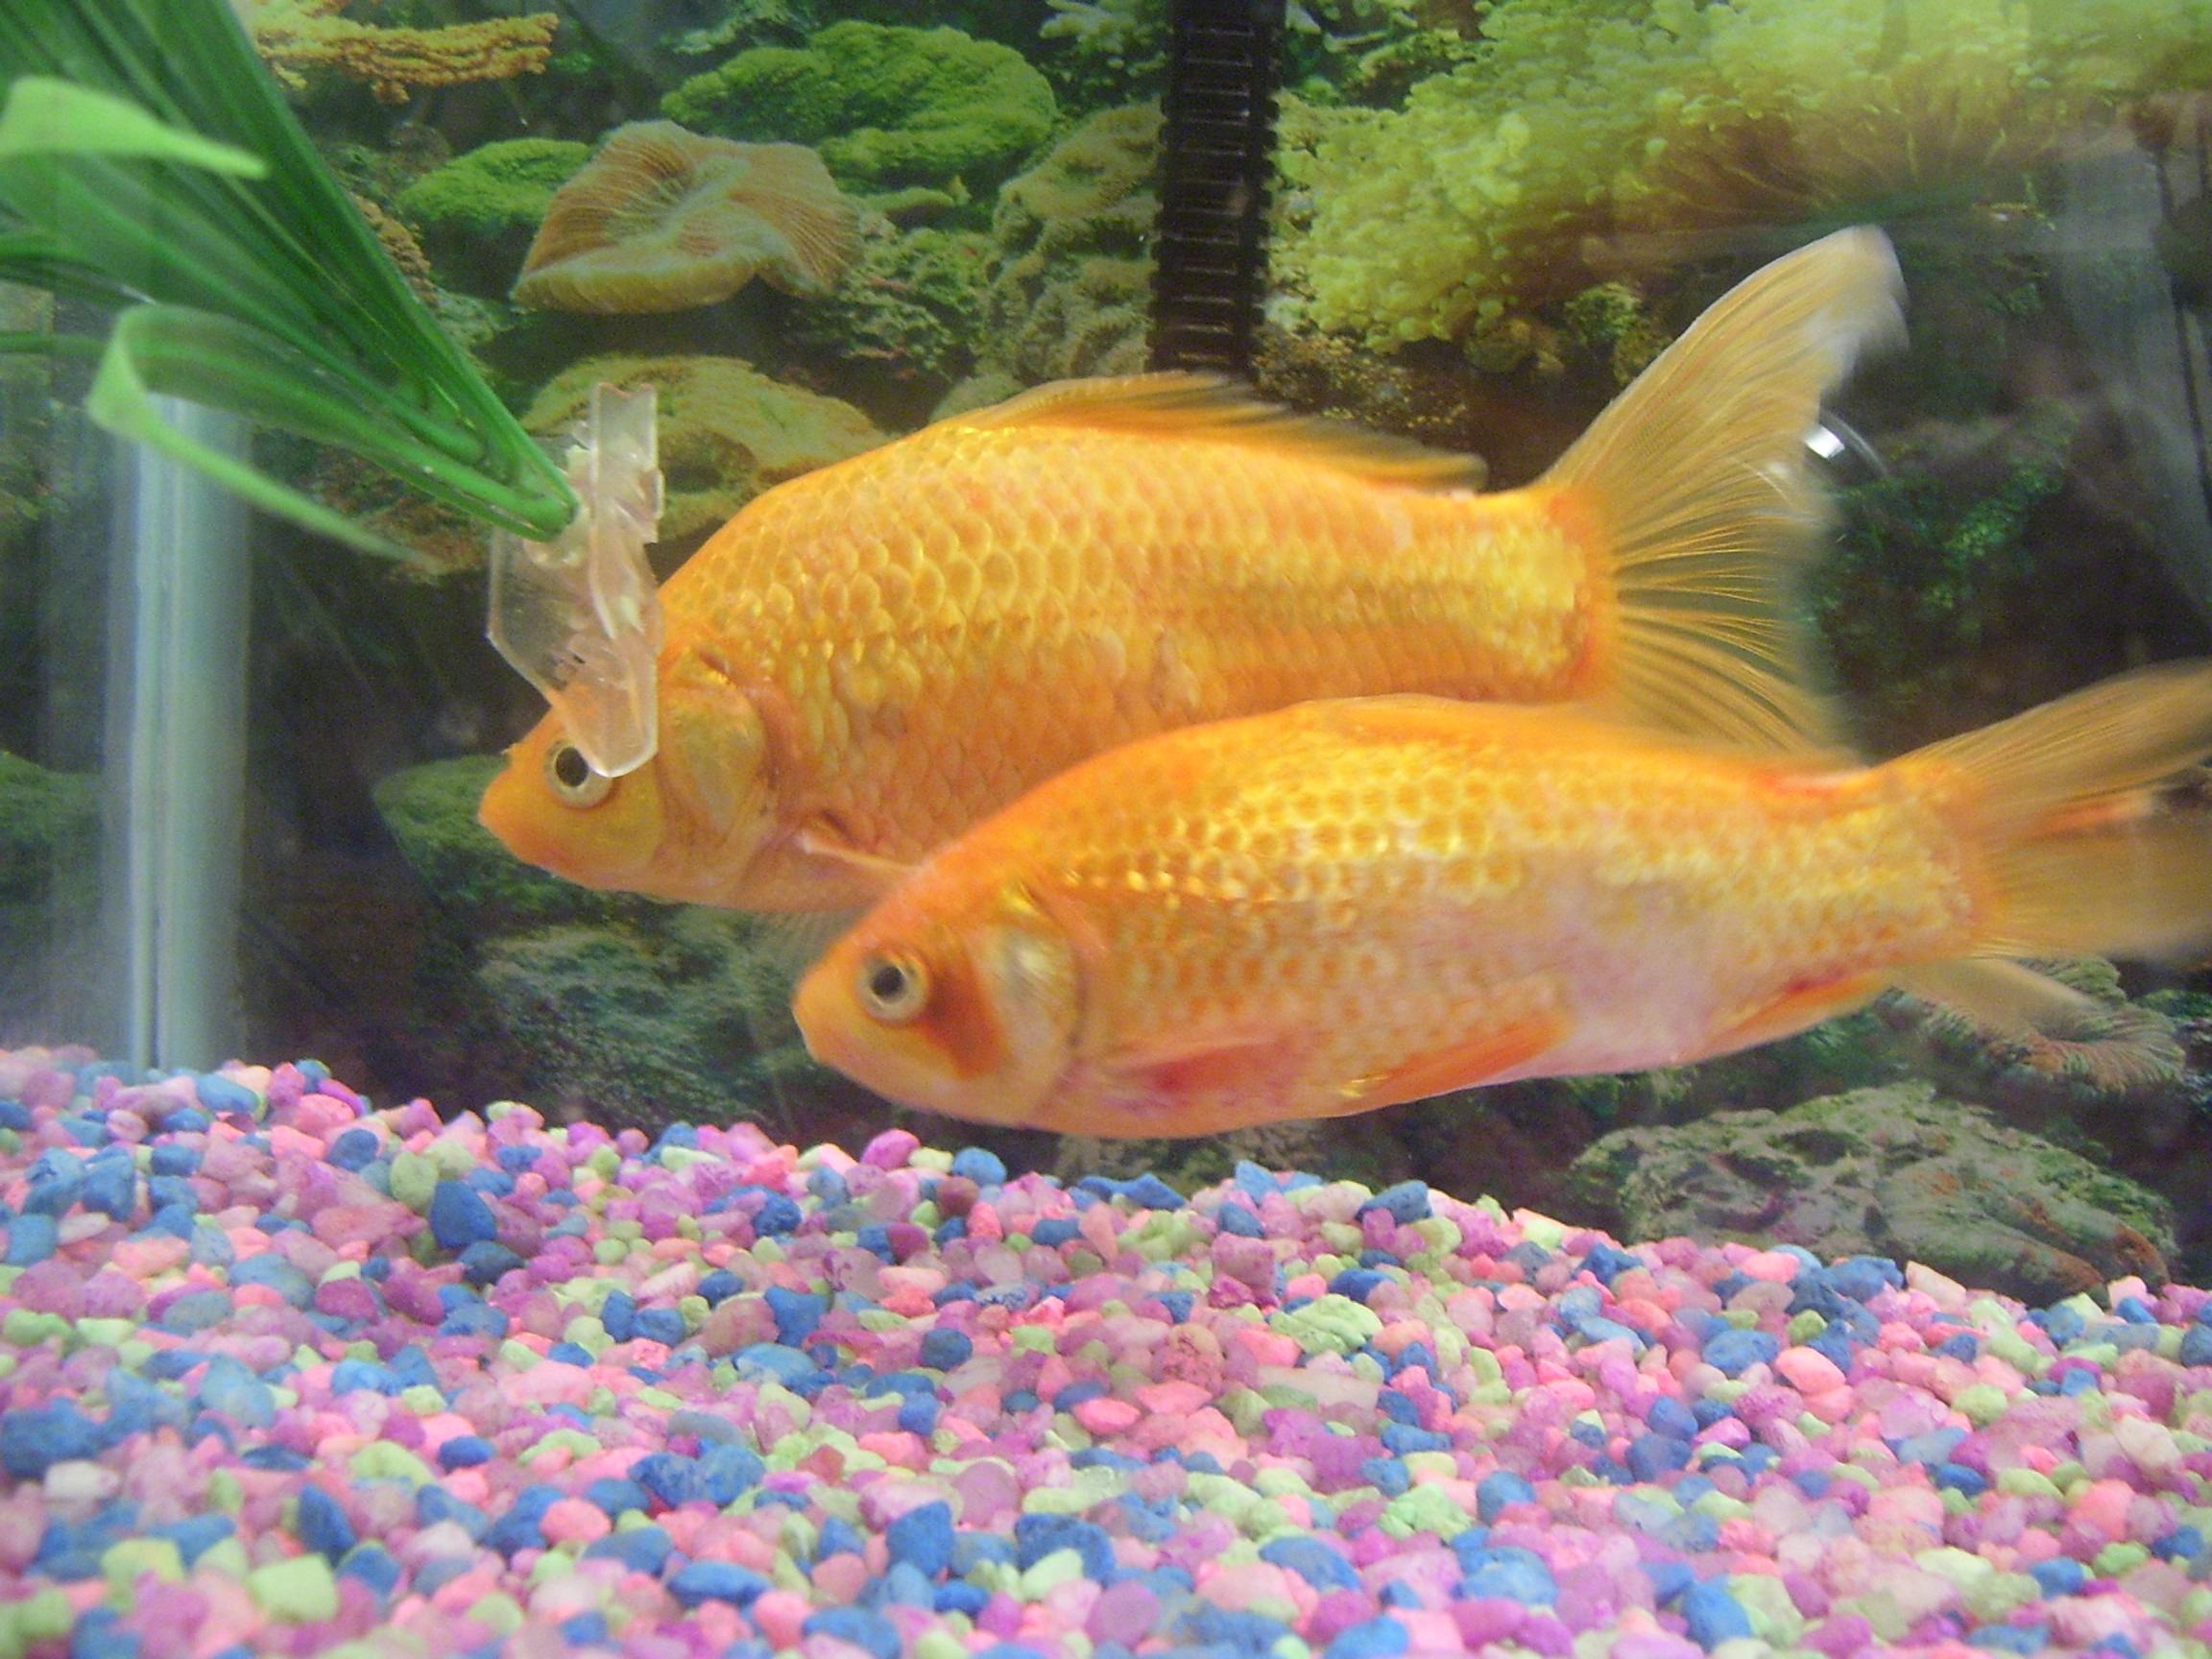 Goldfish ammonia burn for Fish skin for burns